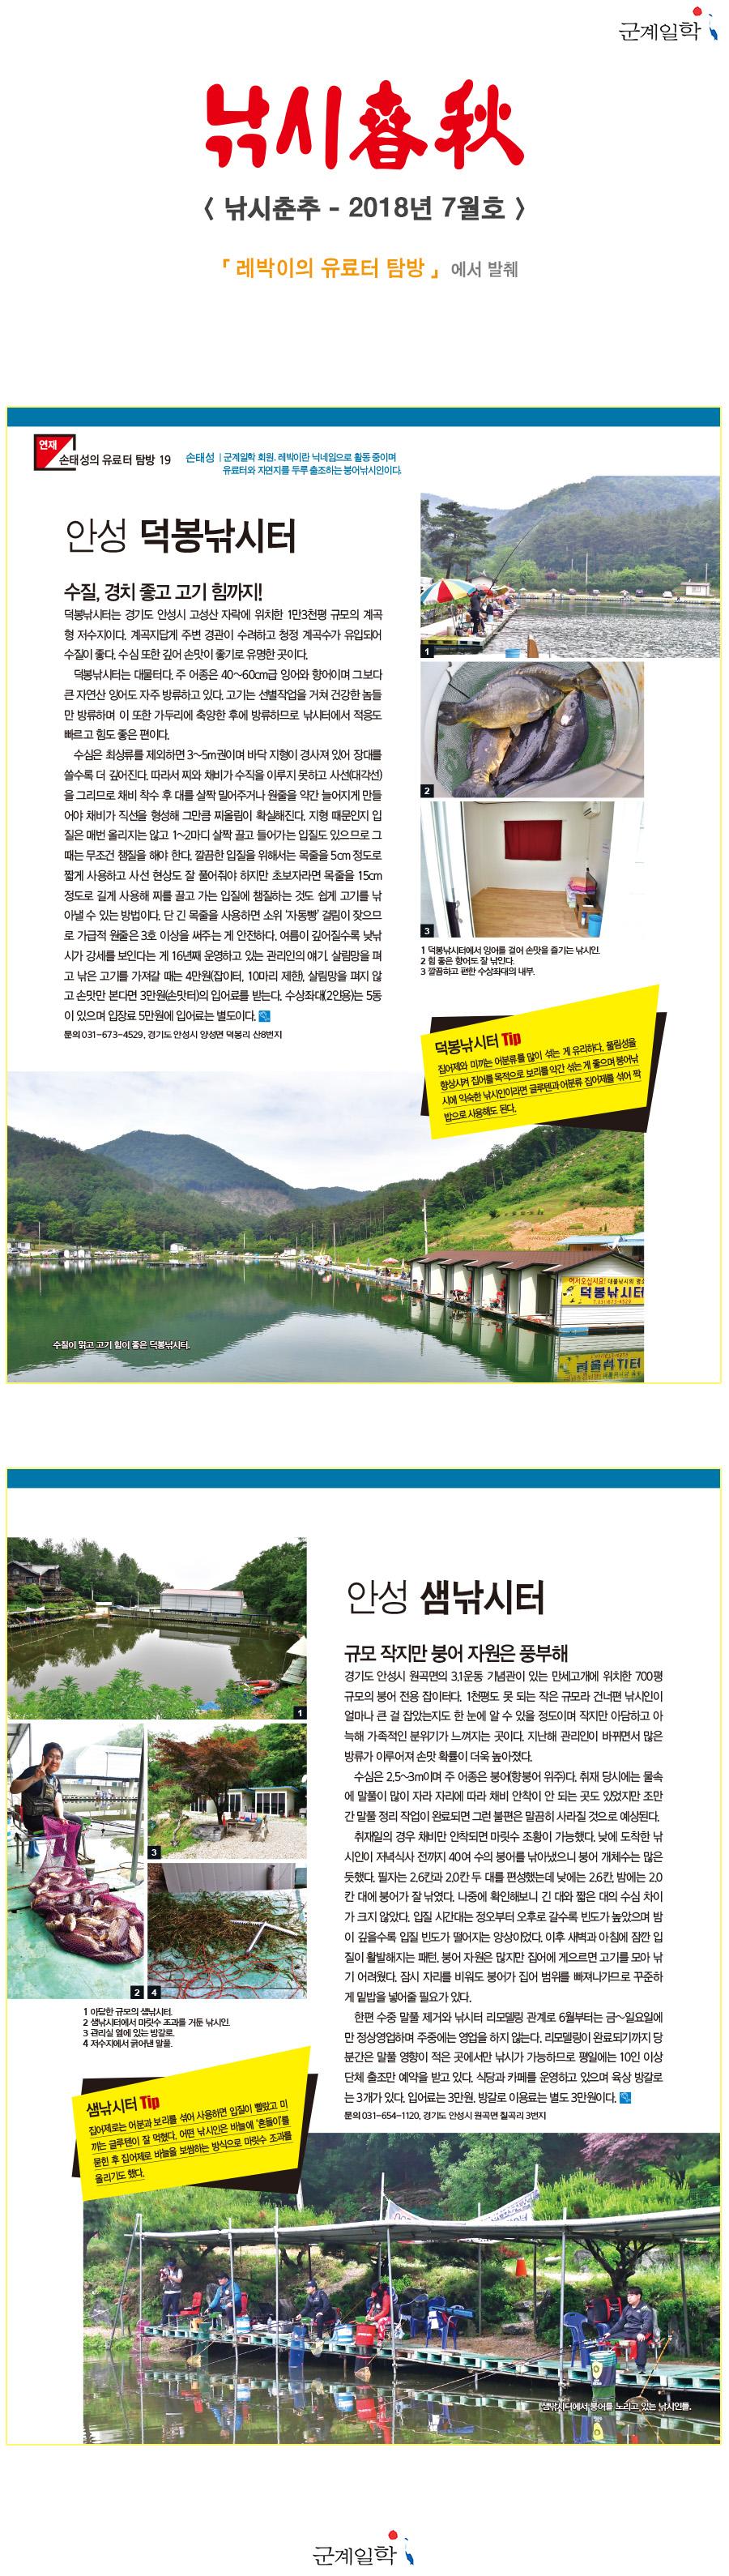 낚시춘추 2018년 7월호 - 레박이의 낚시터 탐방.jpg